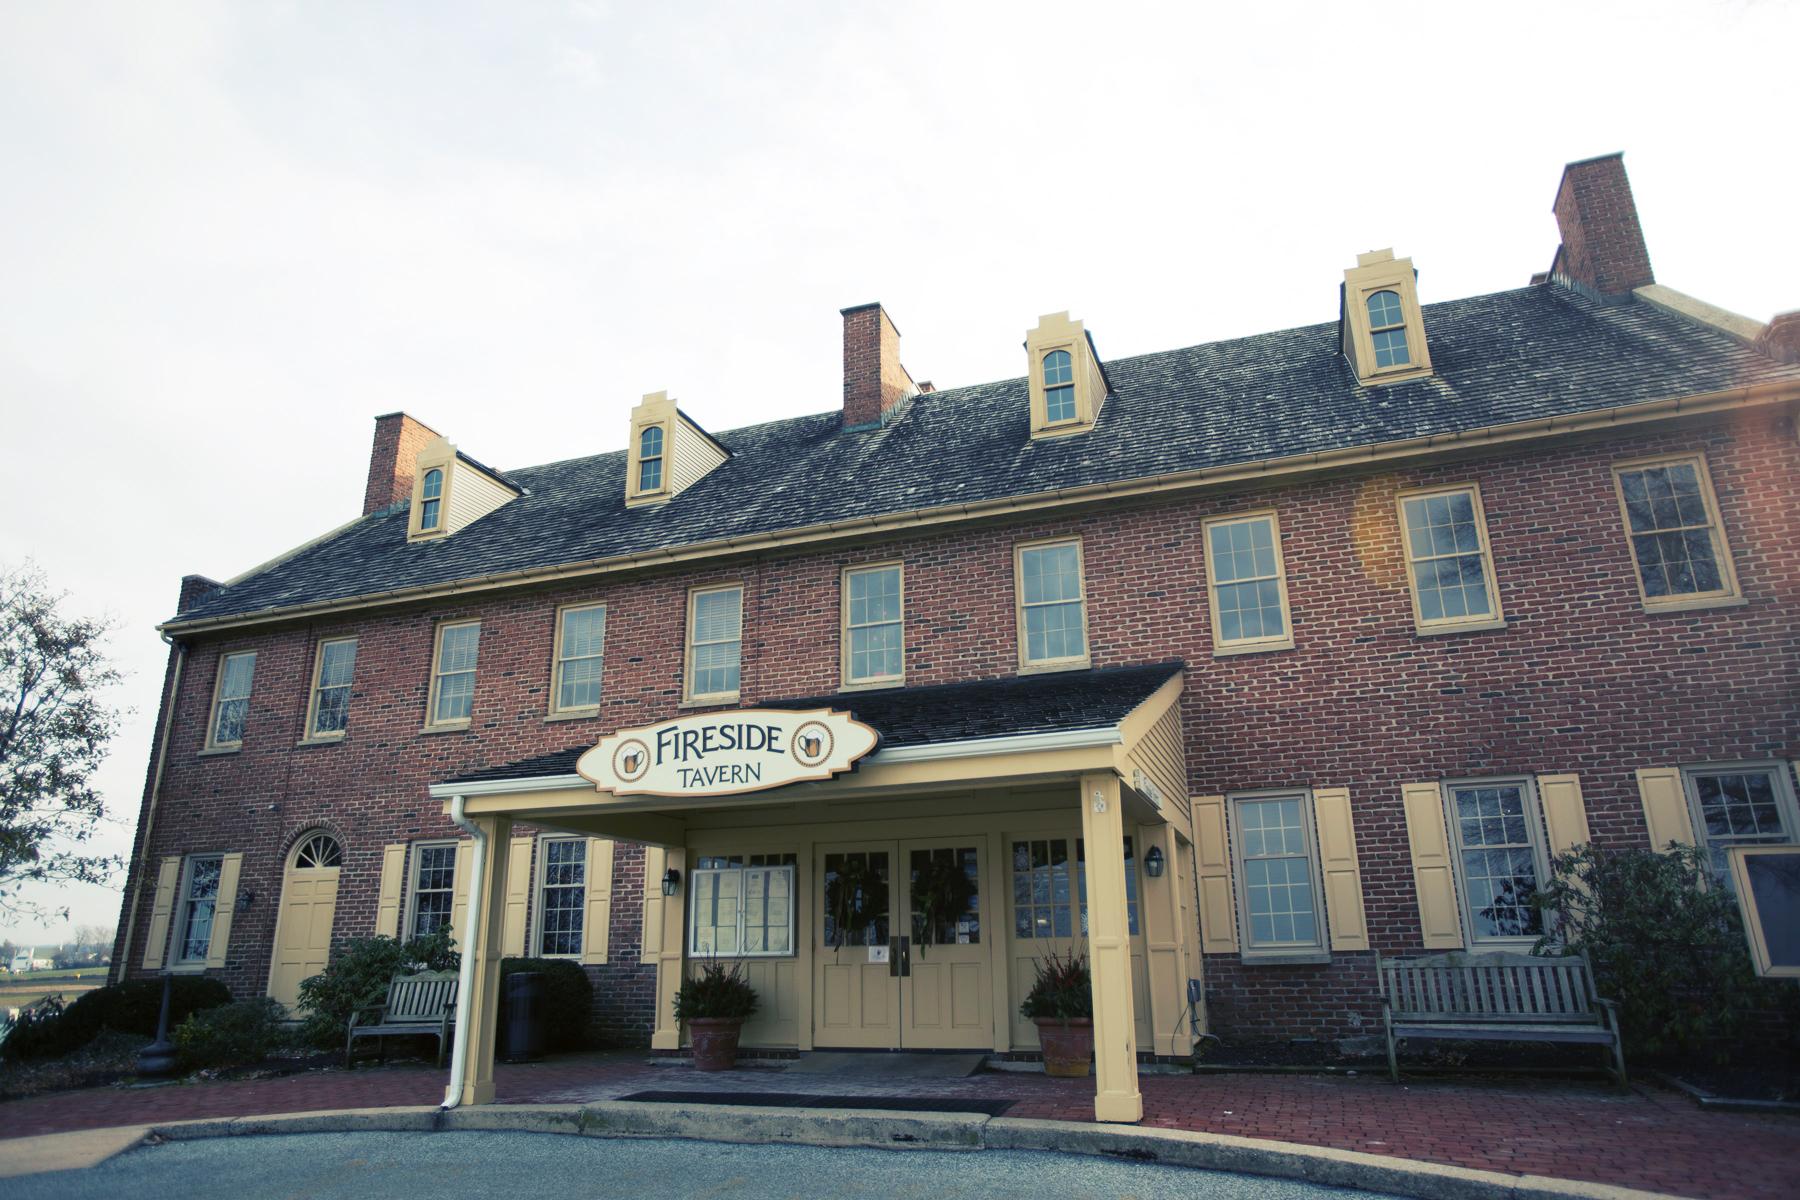 Fireside Tavern - 1500 Historic Dr, Strasburg, PA 17579   (717) 687-7979